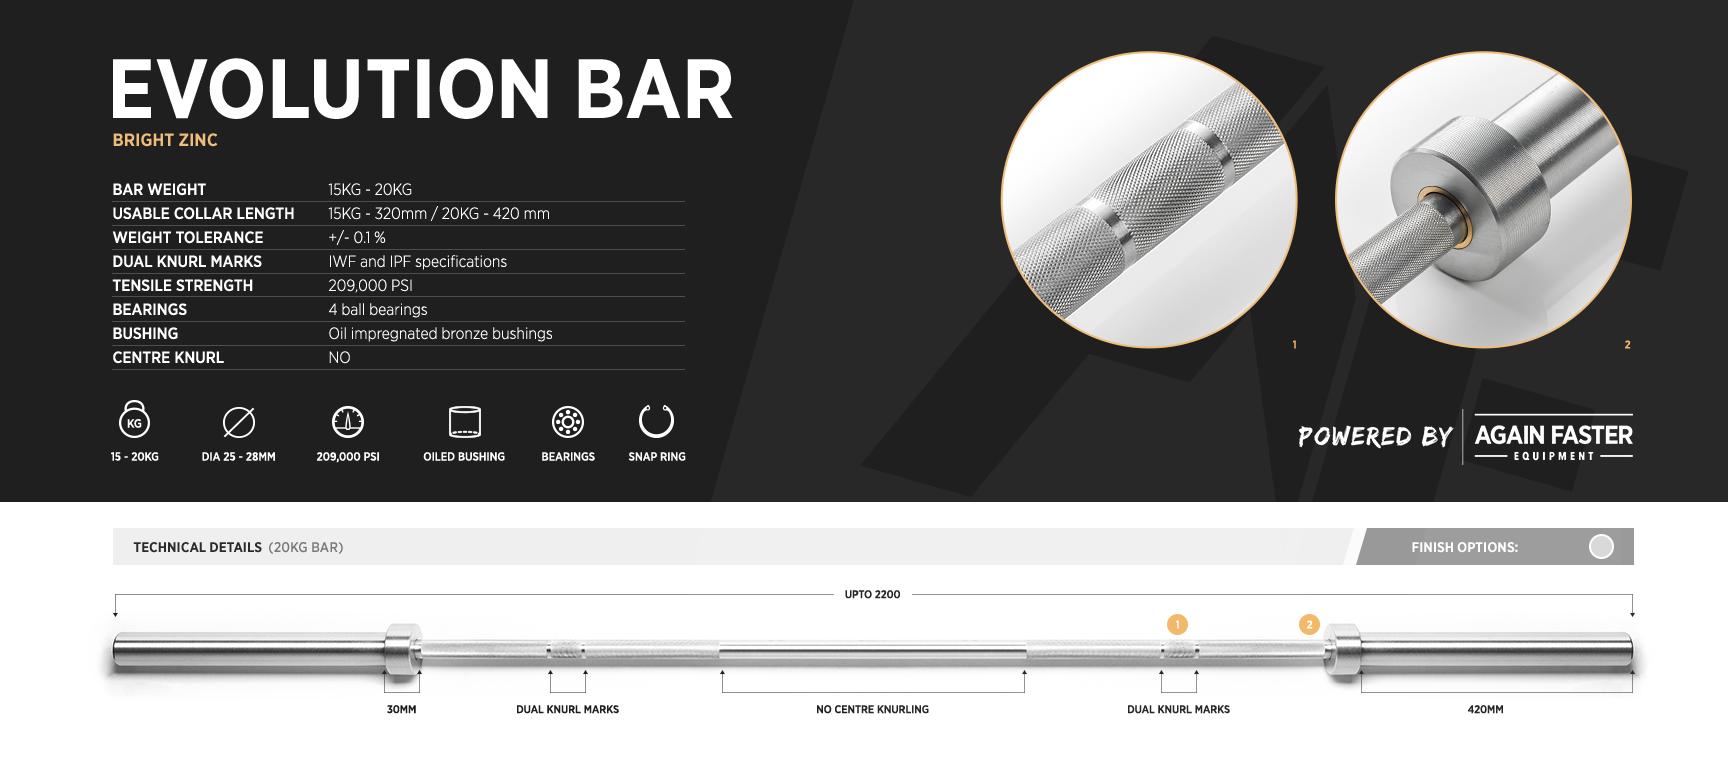 Evolution Bar Details